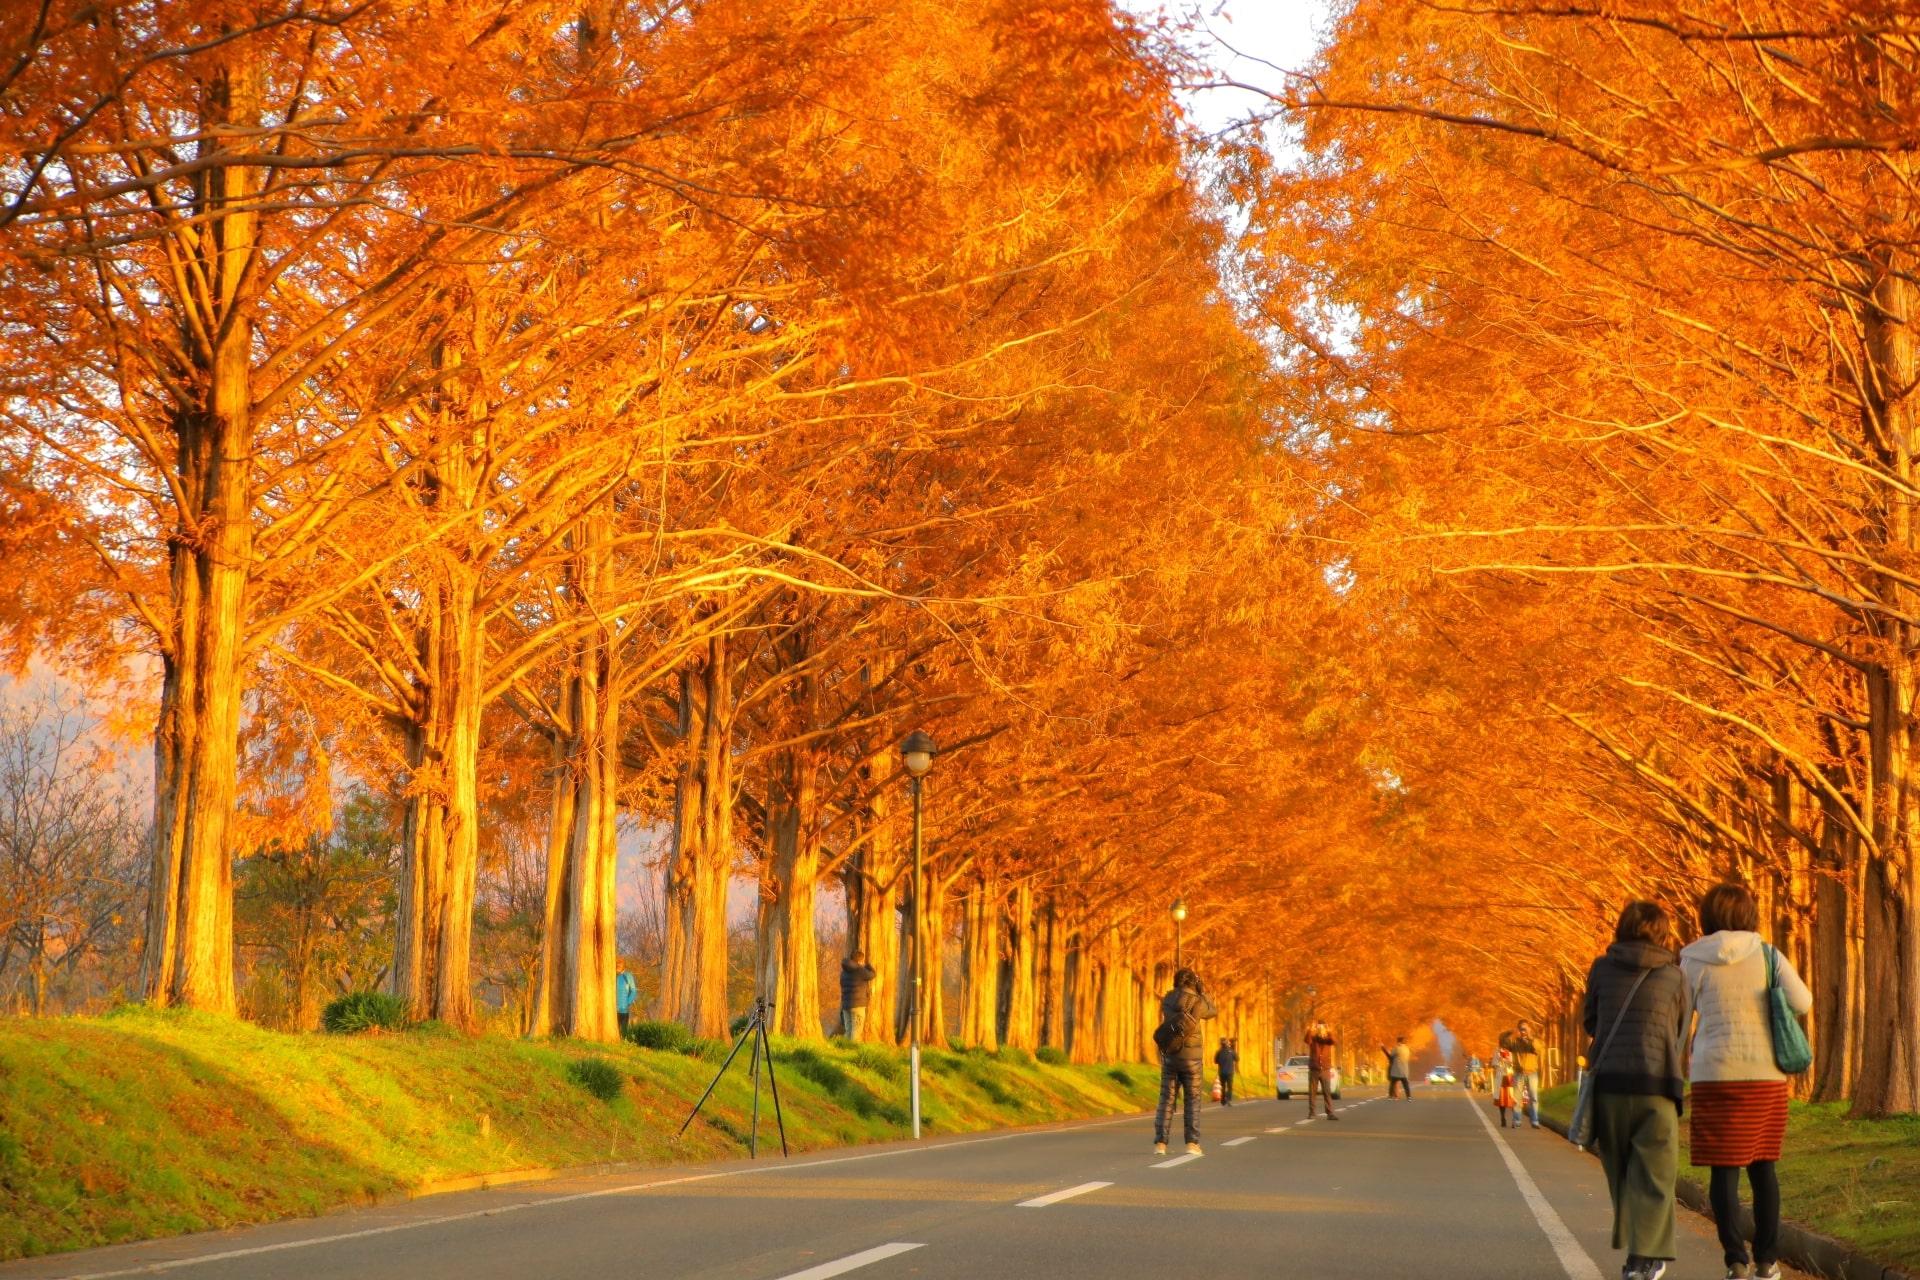 この秋に行きたい! 全国各地の超絶景紅葉スポット